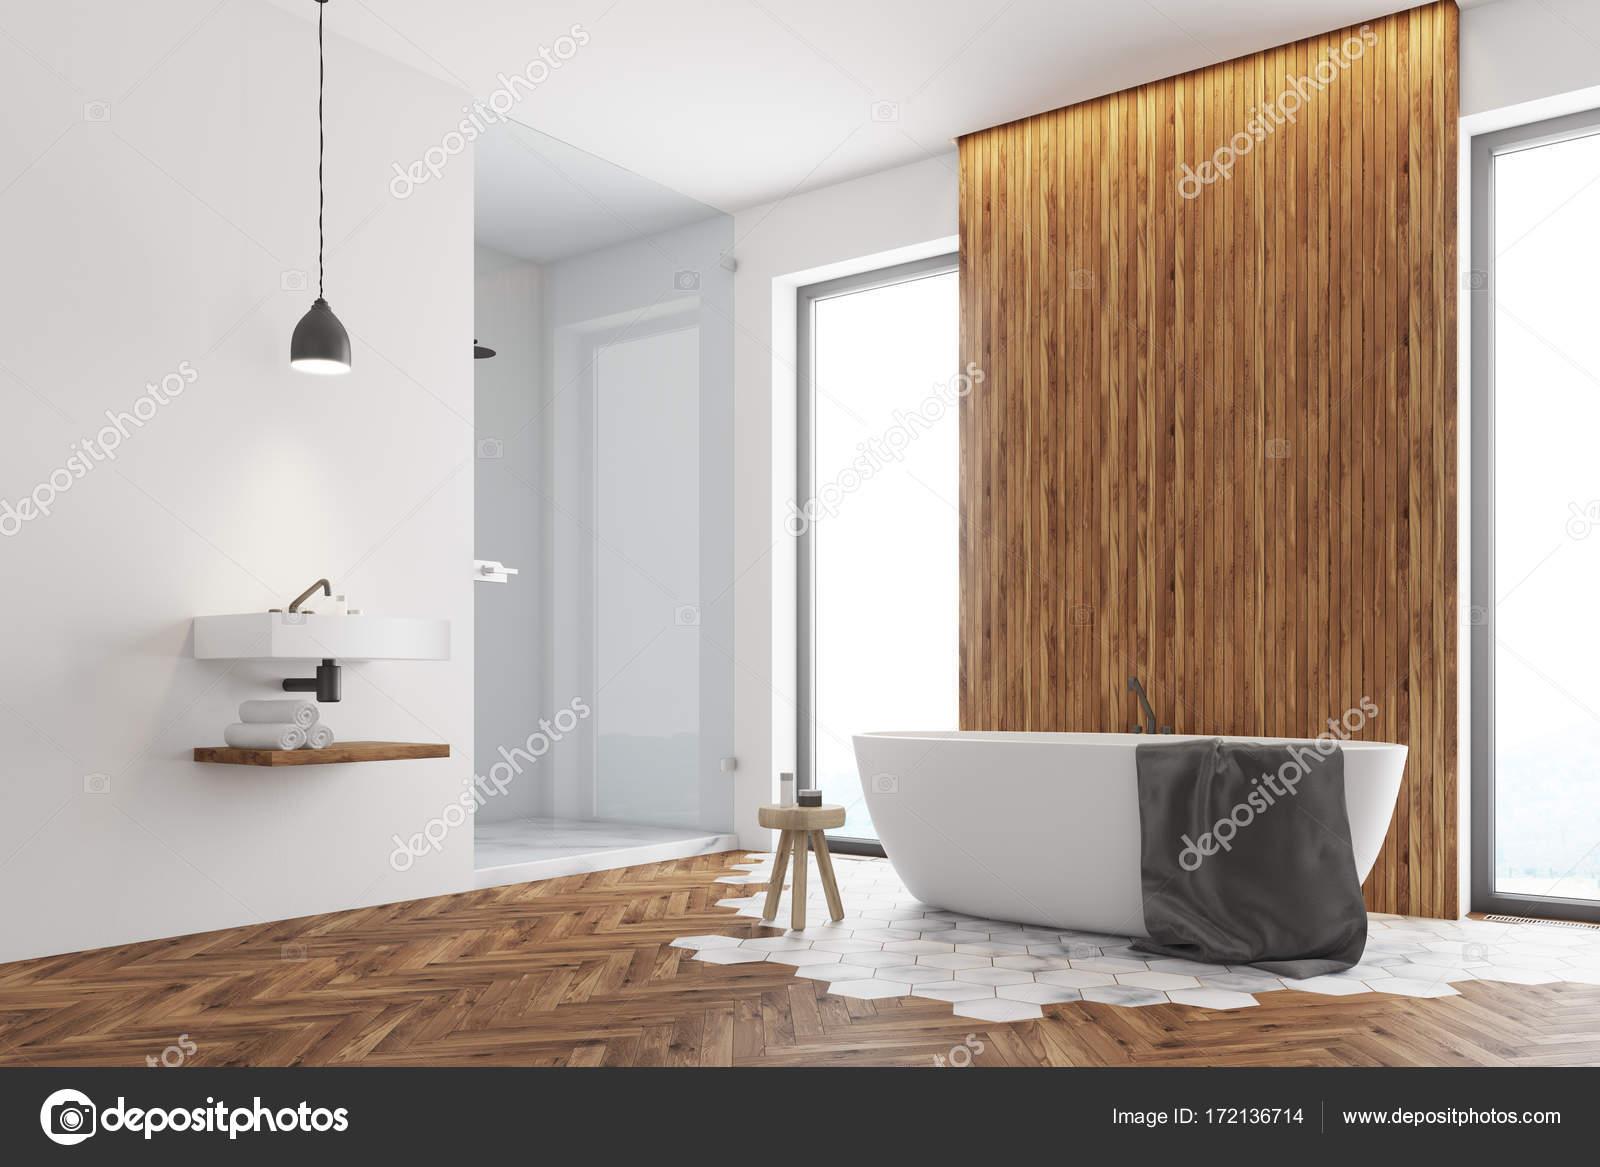 Bagno Legno Bianco : Angolo bagno in legno bianco e scuro u foto stock denisismagilov